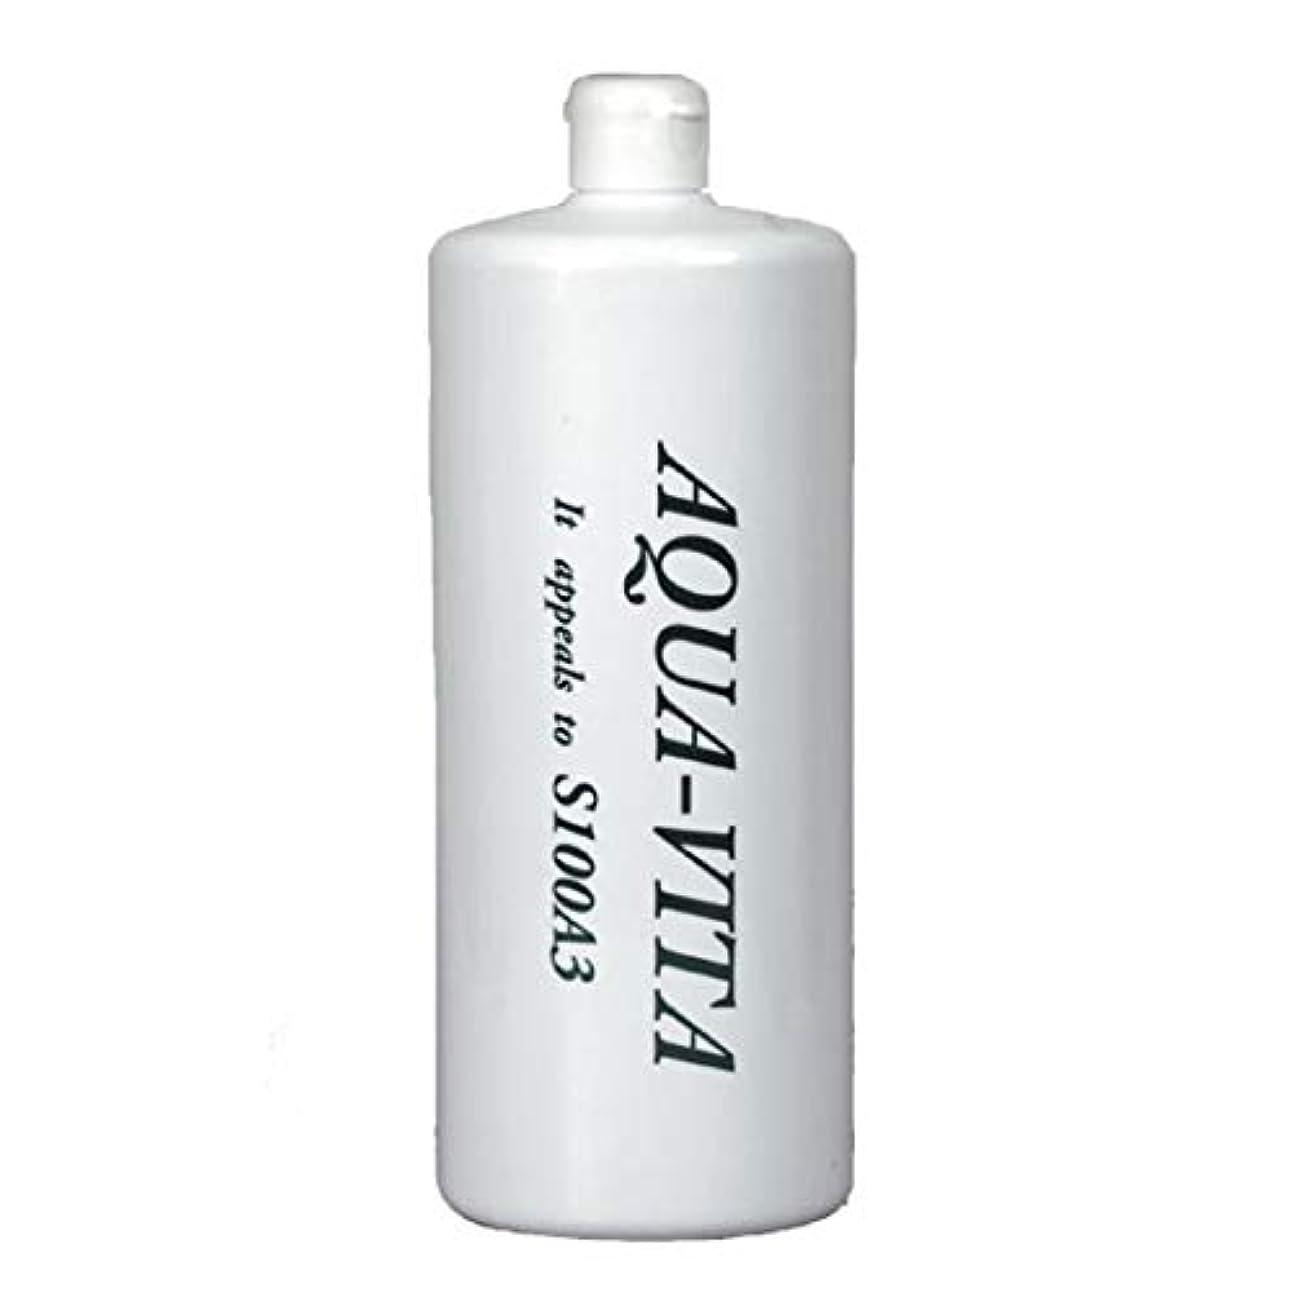 優れたメダル研究所全身用化粧水 アクアヴィータ (1000ml (お得用サイズ))